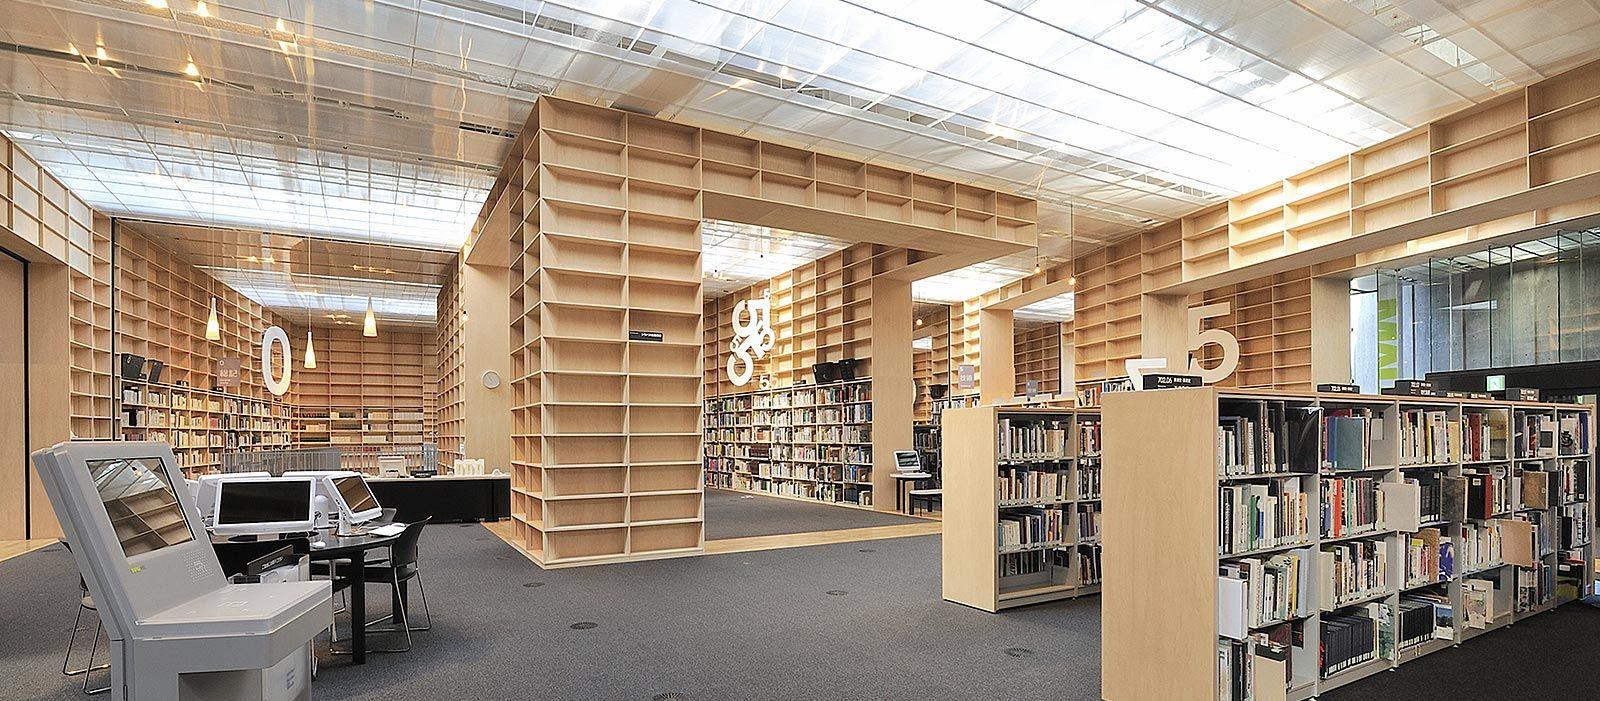 小平市 武蔵野美術大学 図書館 武蔵野美術大学 図書館 図書館 建築設計図